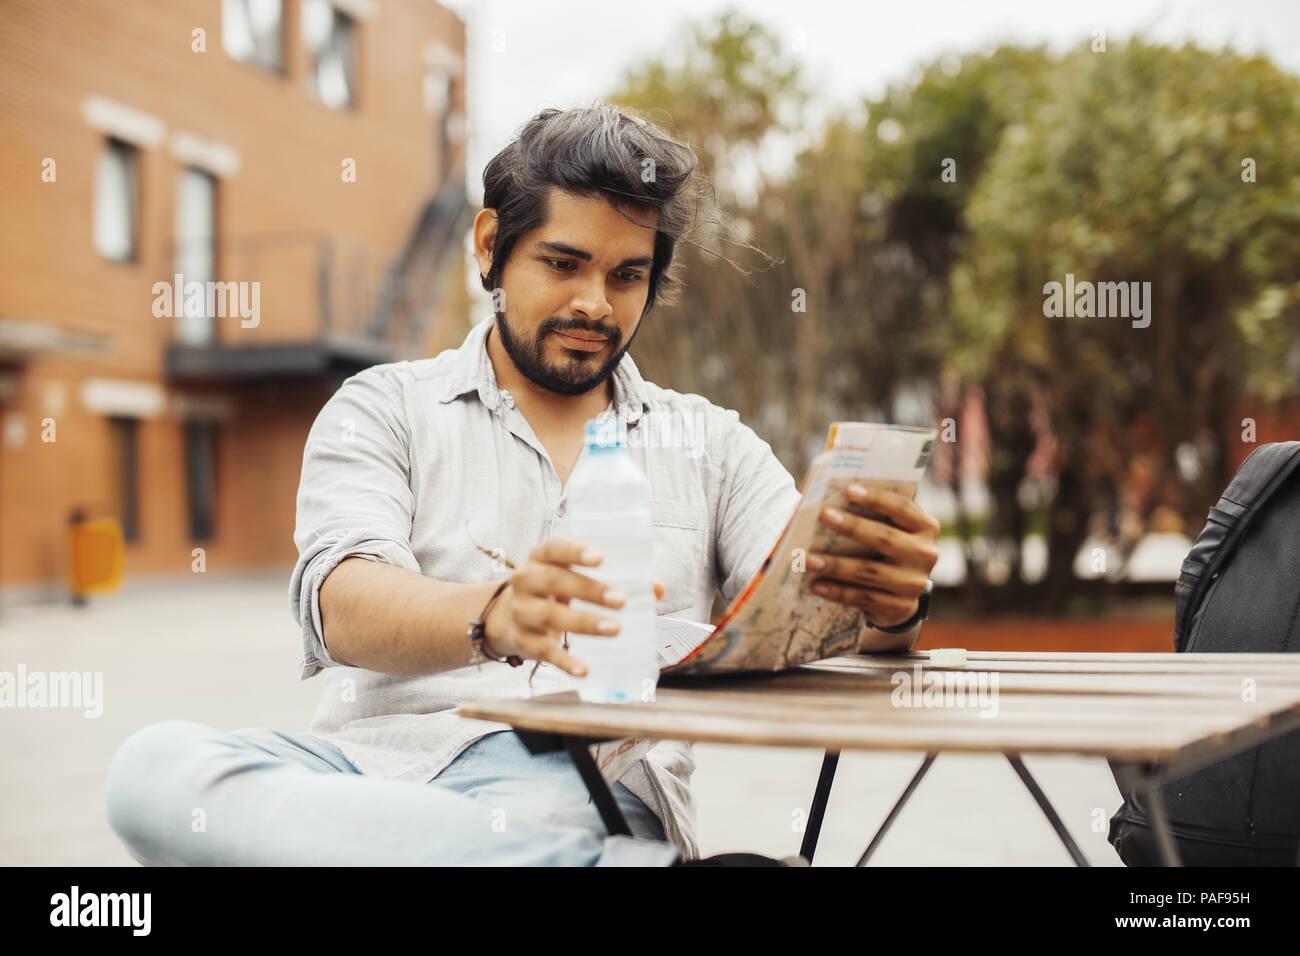 Attraente uomo seduto al street cafe, guardando la mappa e tenendo la bottiglia. Immagini Stock